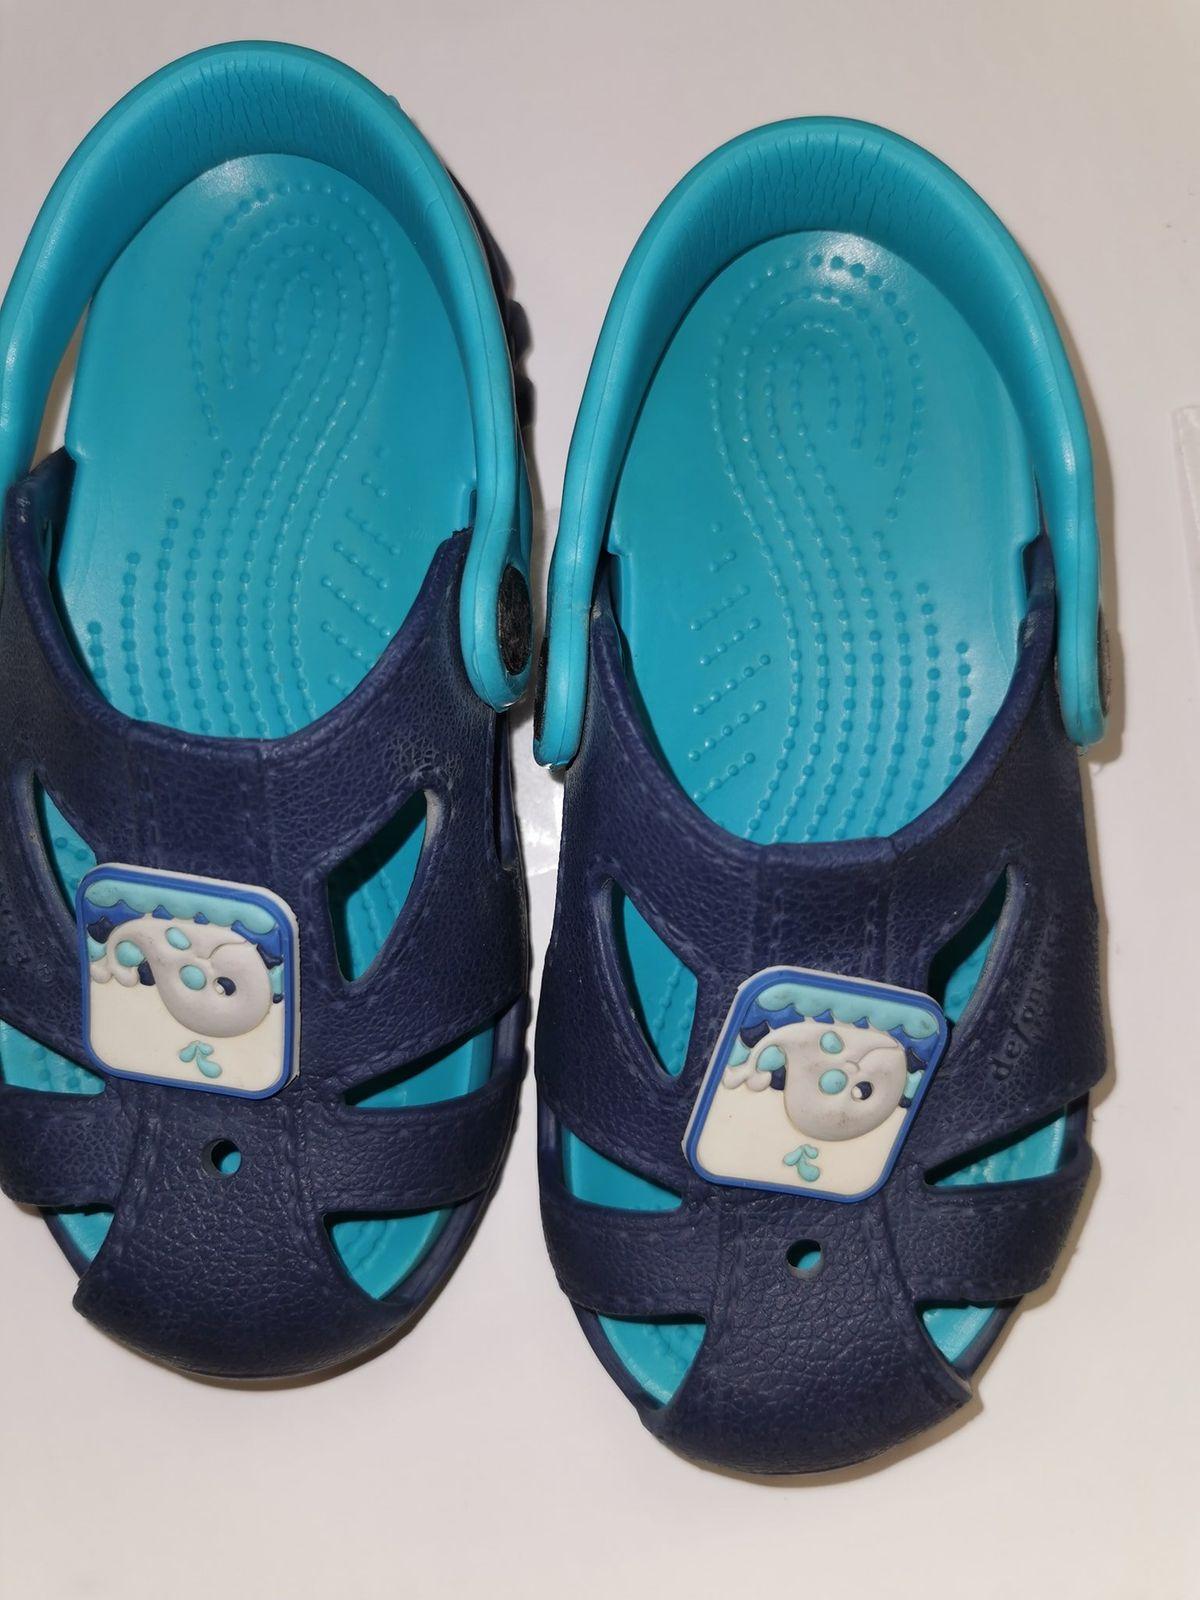 N 27.   12639 Sandalo da mare € 5.00